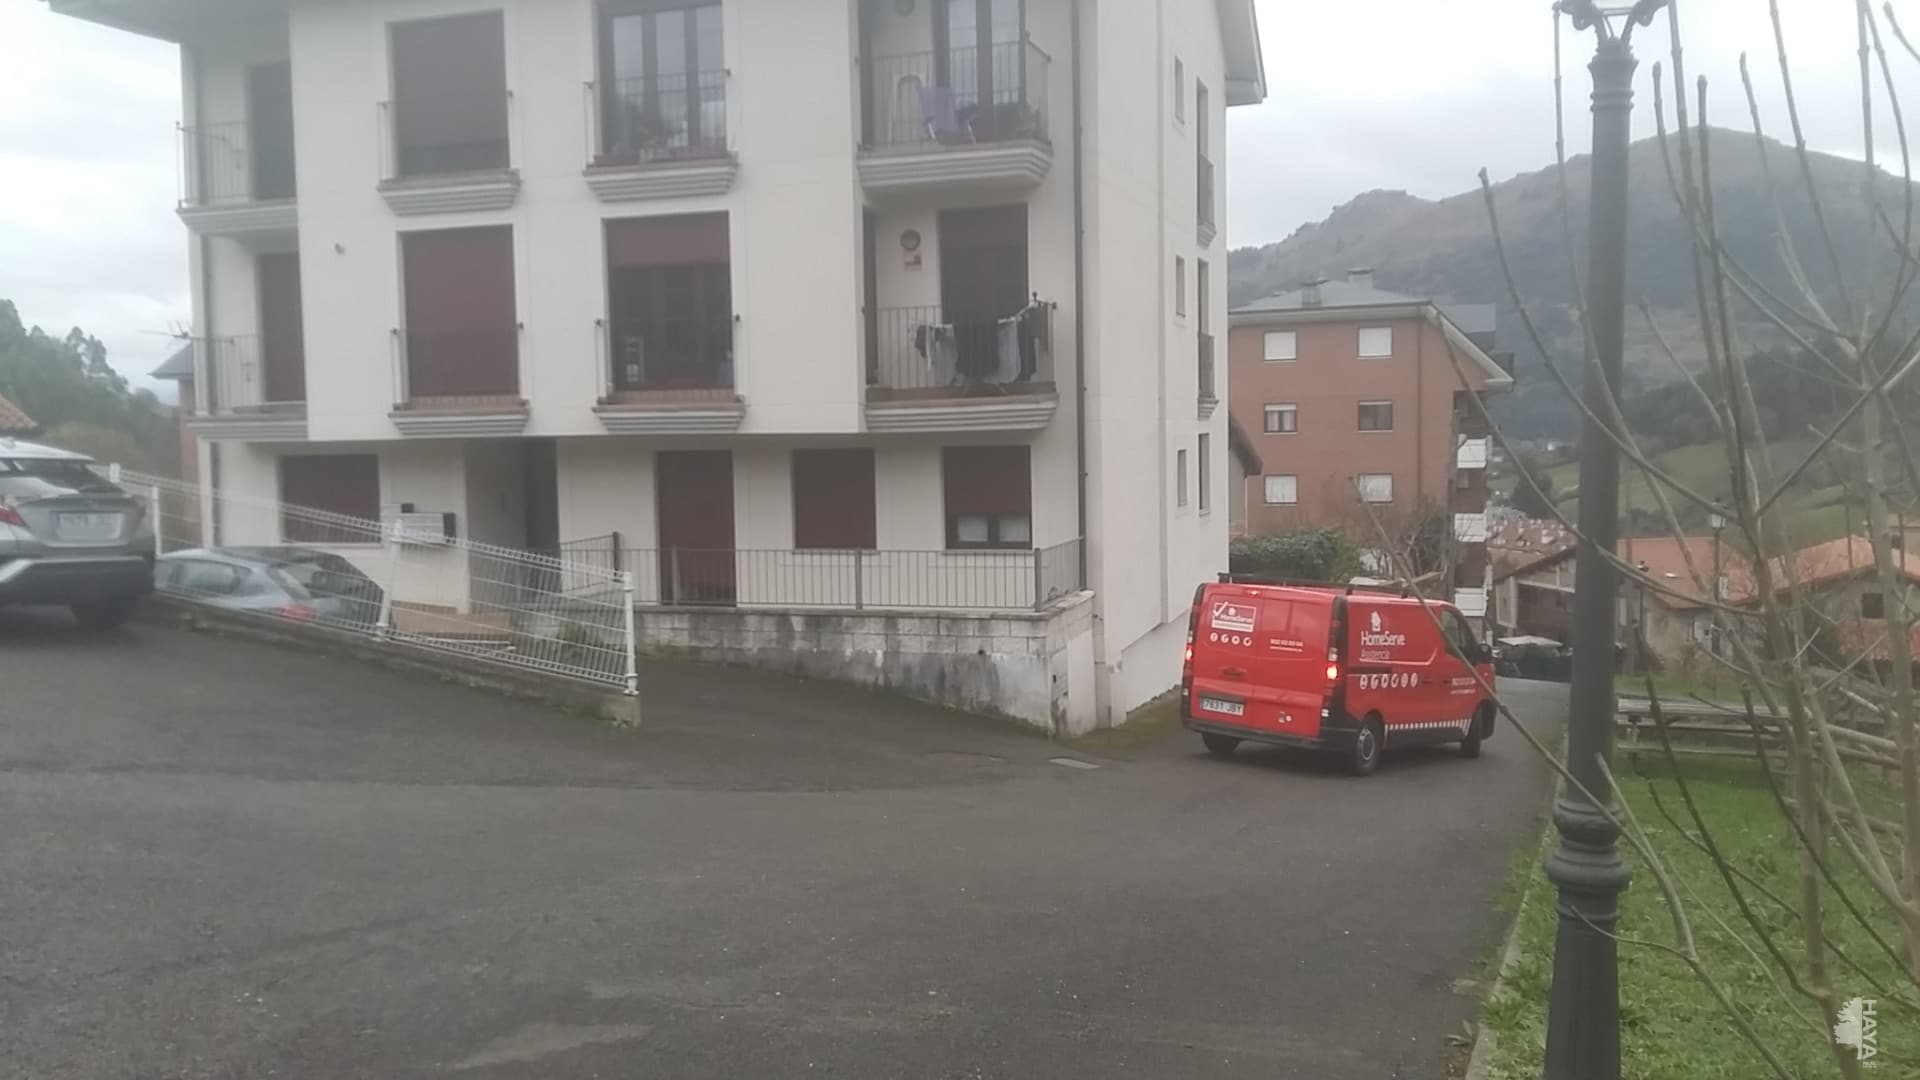 Piso en venta en Limpias, Cantabria, Calle del Canton, 80.000 €, 3 habitaciones, 1 baño, 97 m2